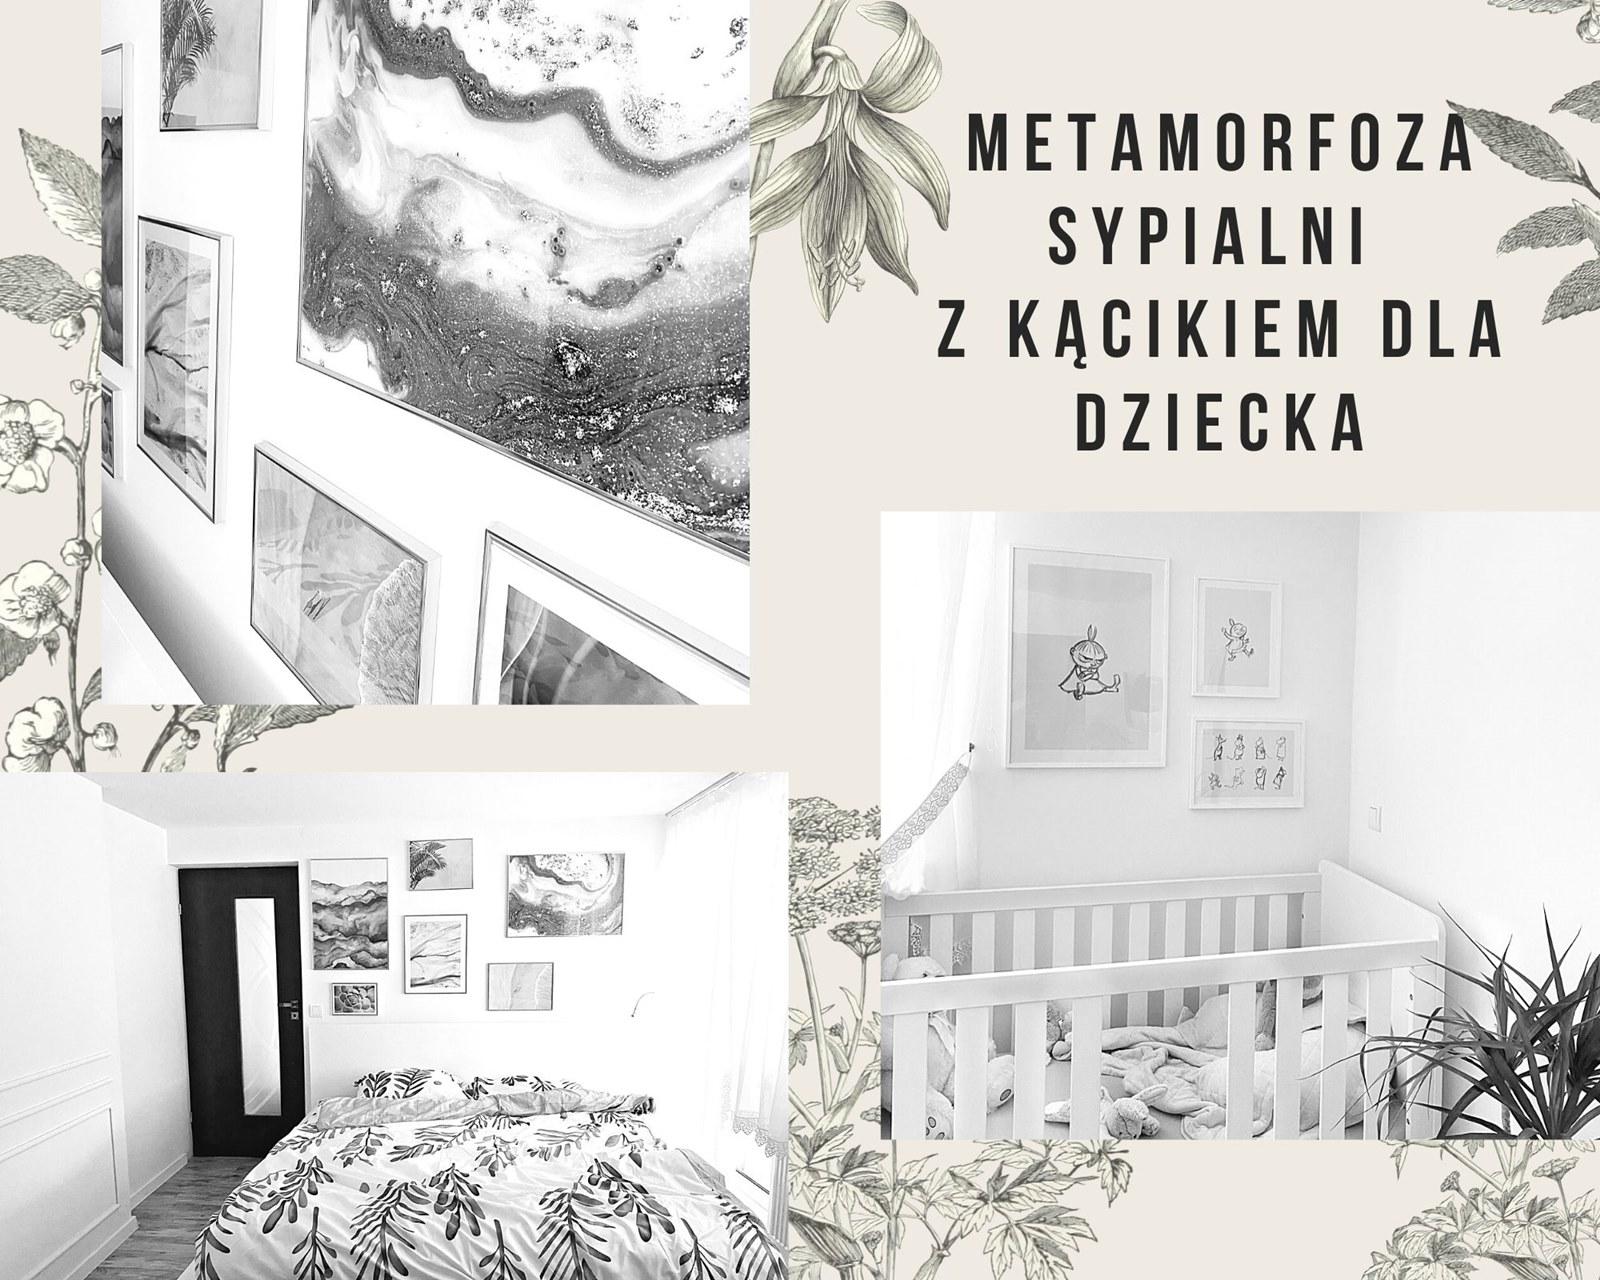 sypialnia z kącikiem dla dziecka